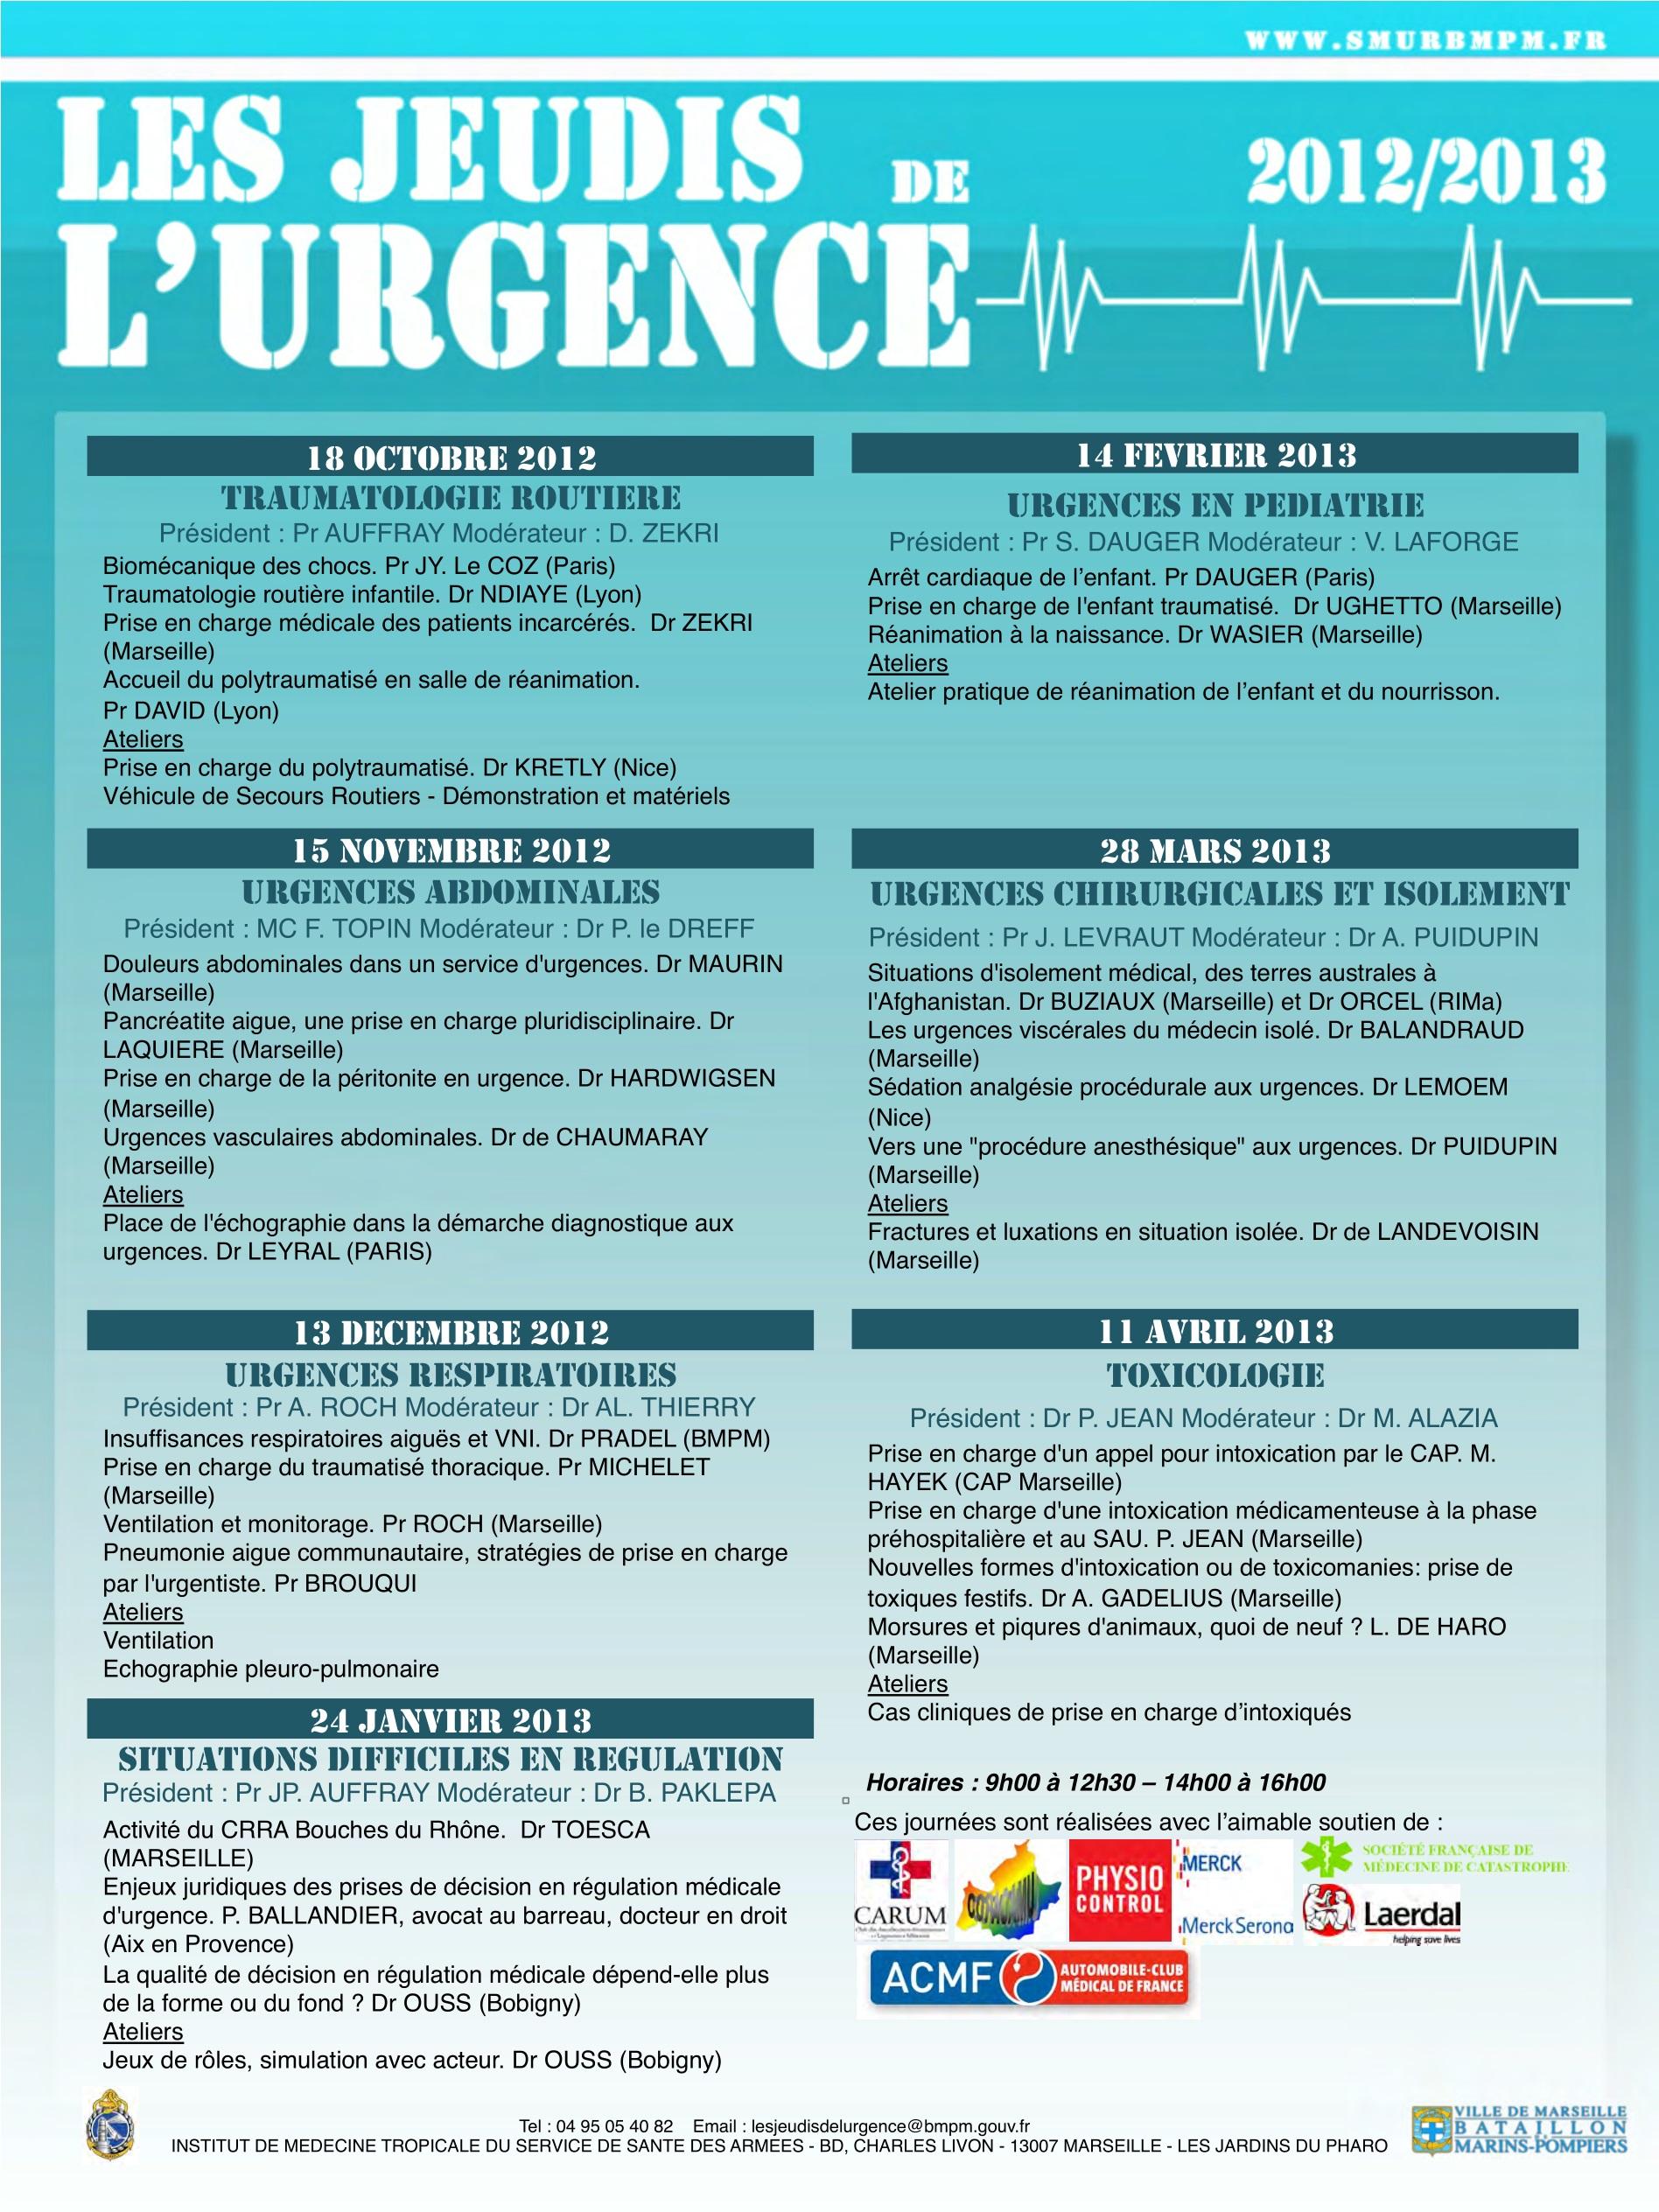 Archives « Les Jeudis de l'Urgence » 2012-2013 – MERMED BMPM